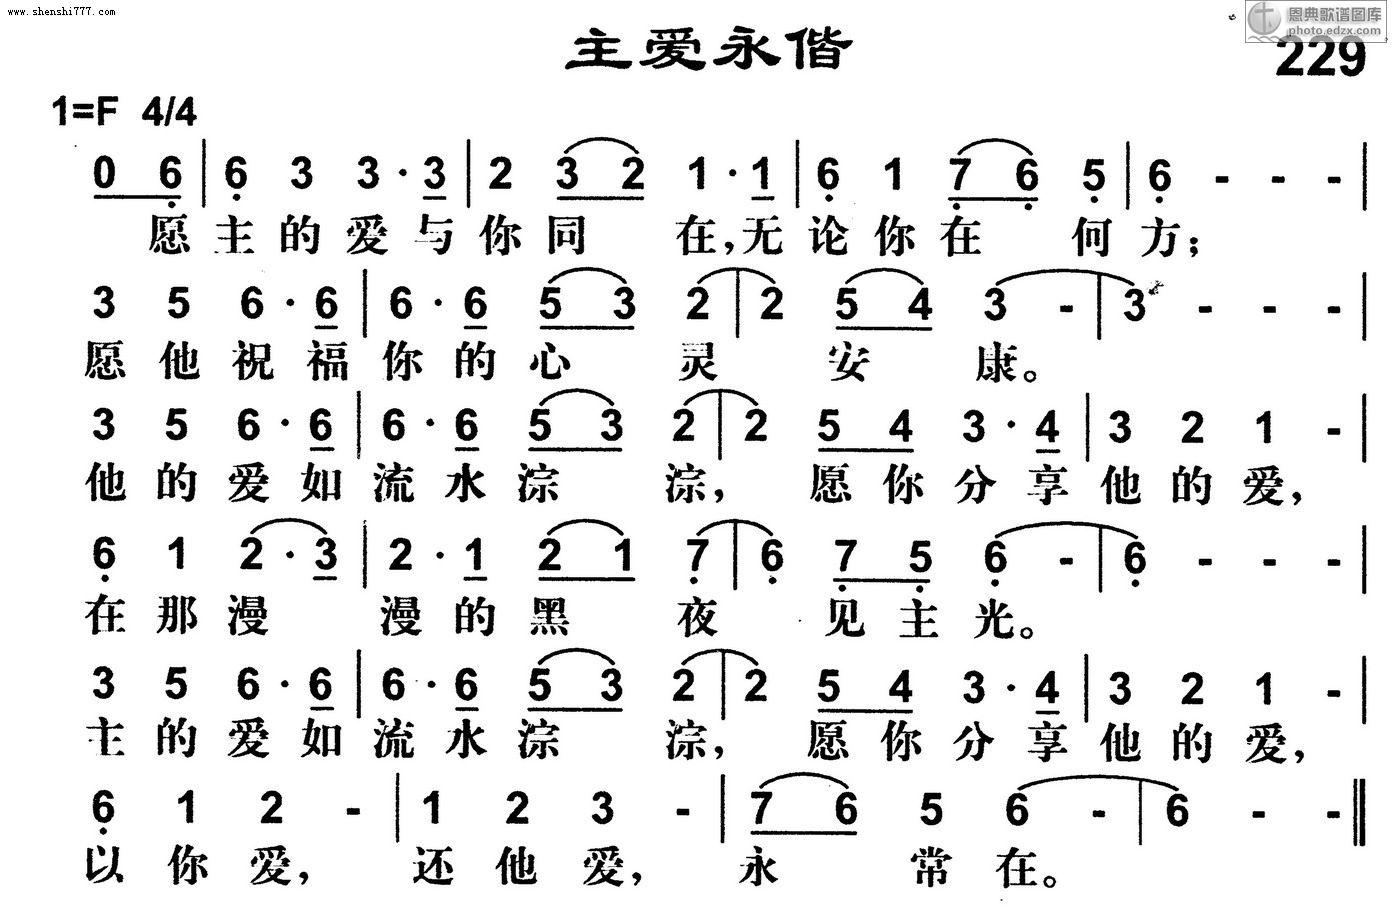 雅歌700首 基督教歌谱网基督教简谱网歌谱网 诗歌